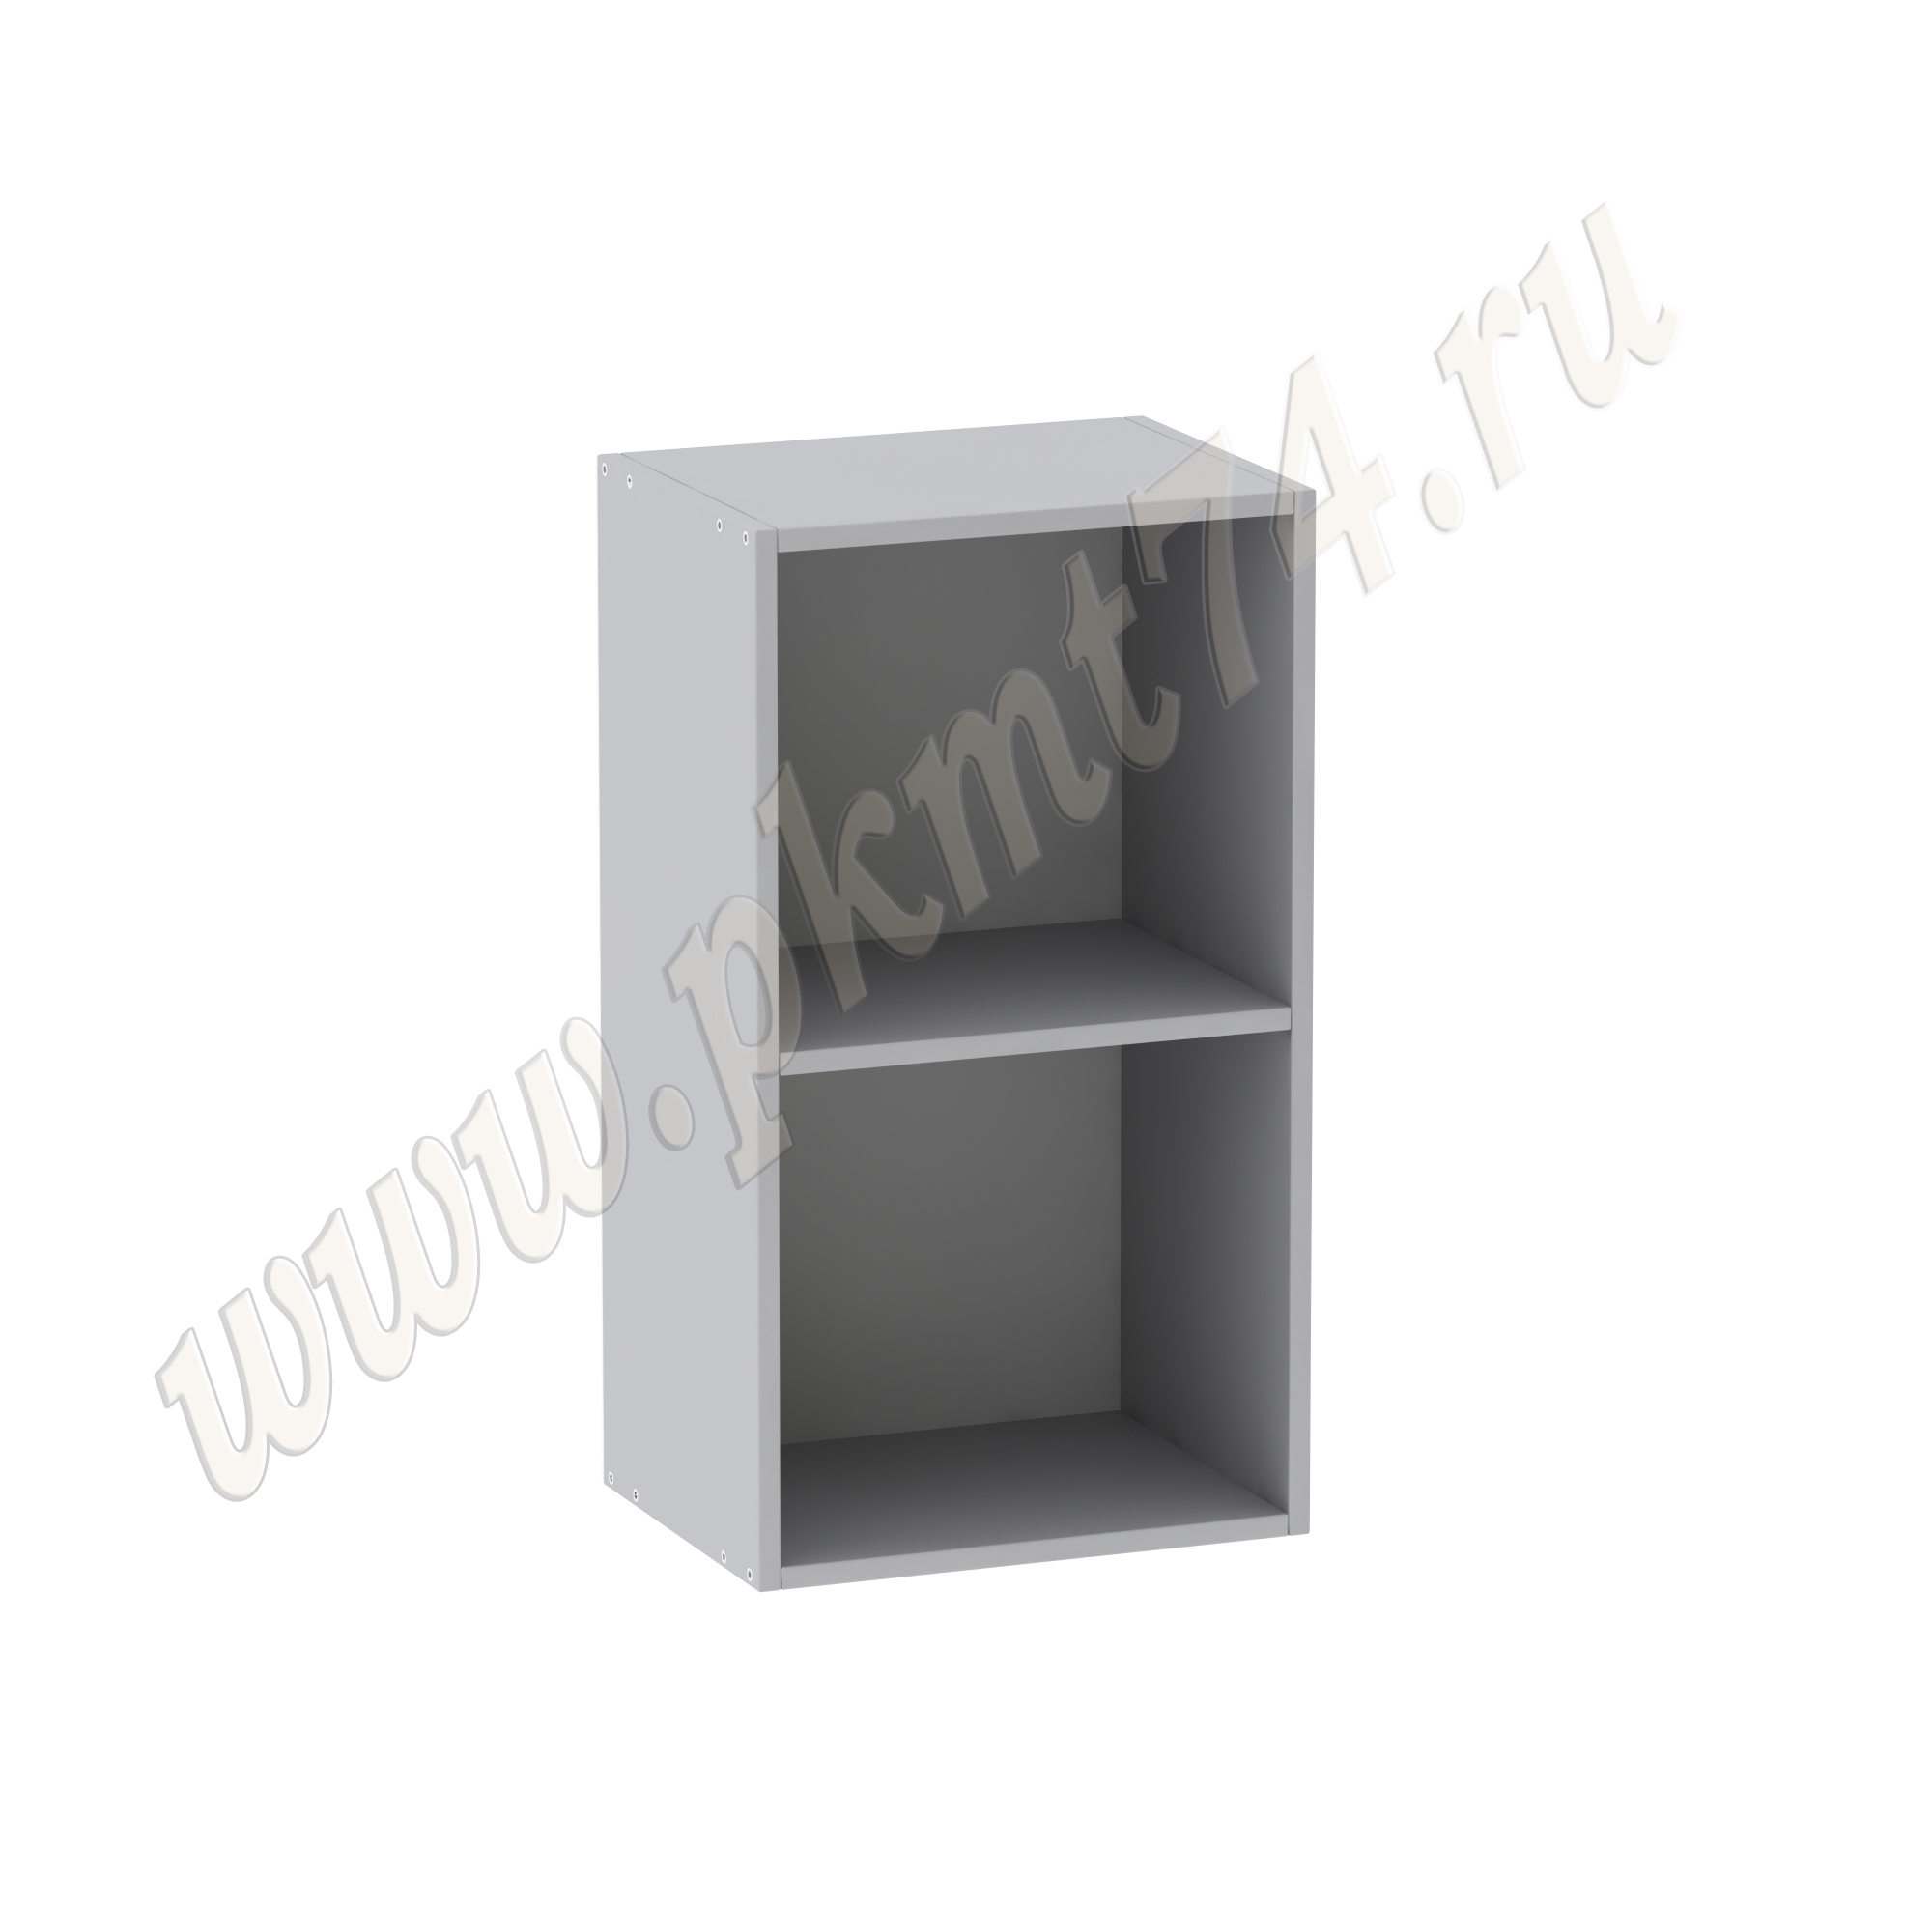 Полка кухонная открытая узкая MT-32-17